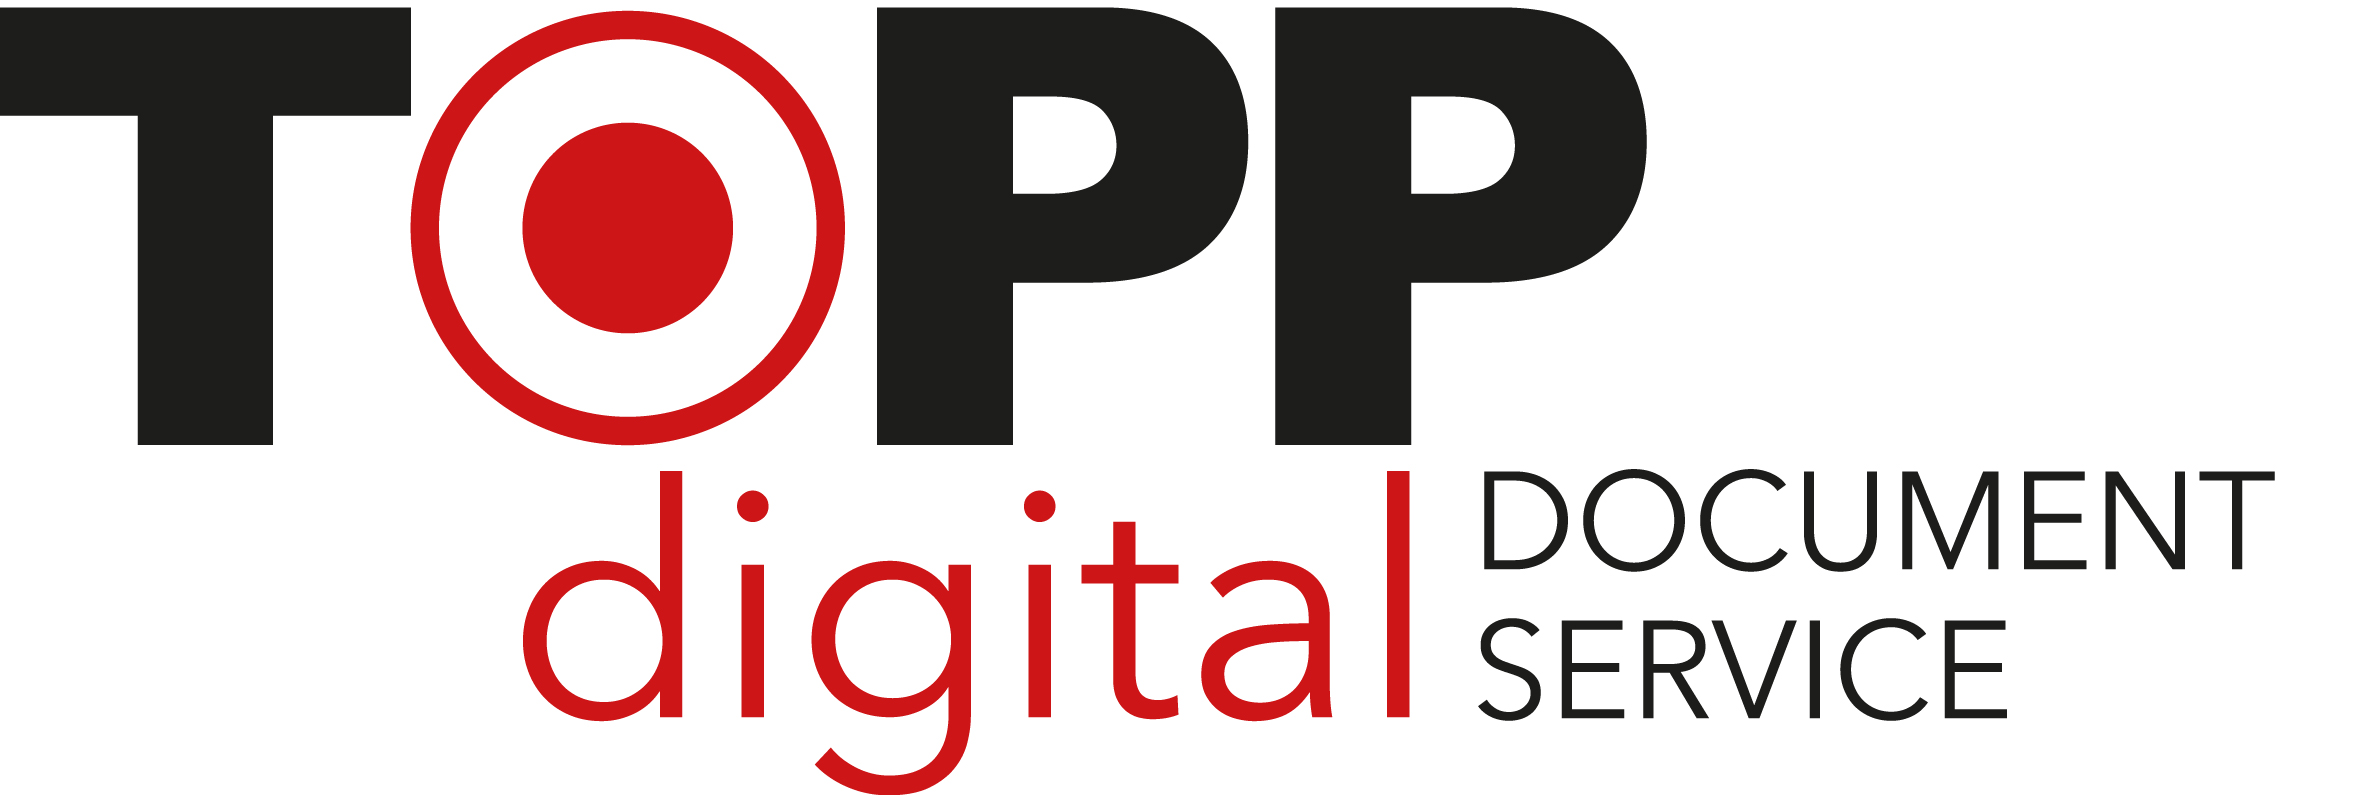 TOPP digital Logo